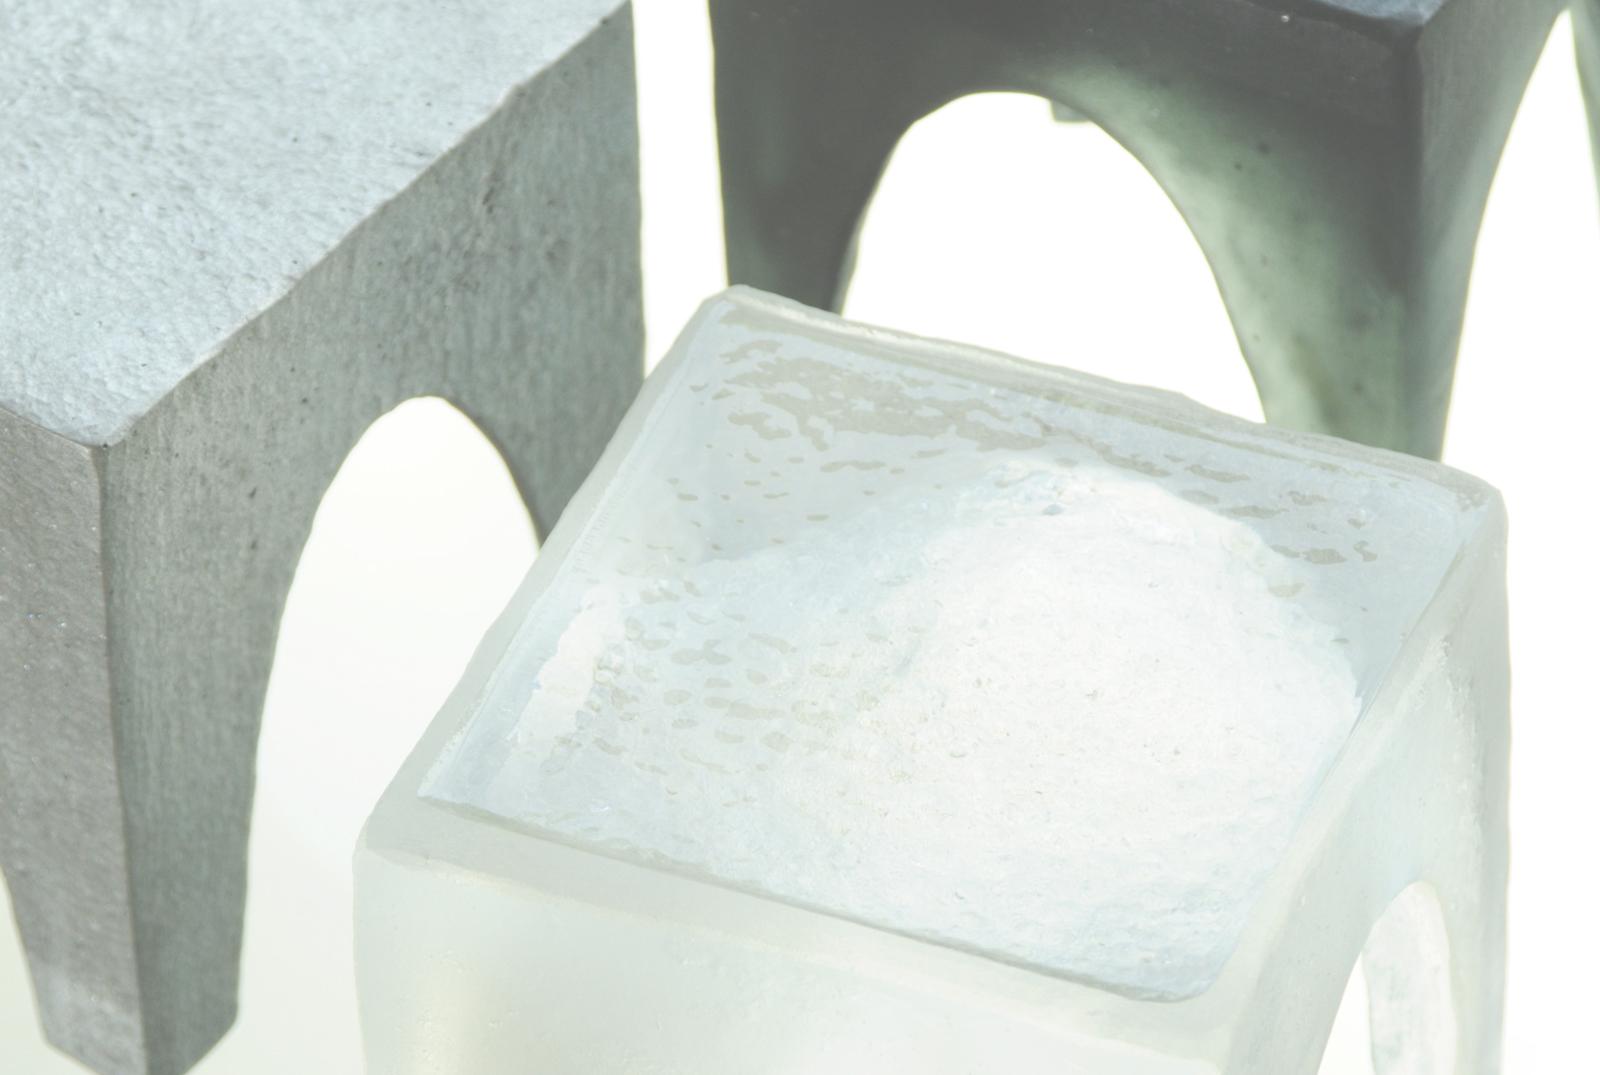 晴耕社ガラス工房|WORKS|キャスト